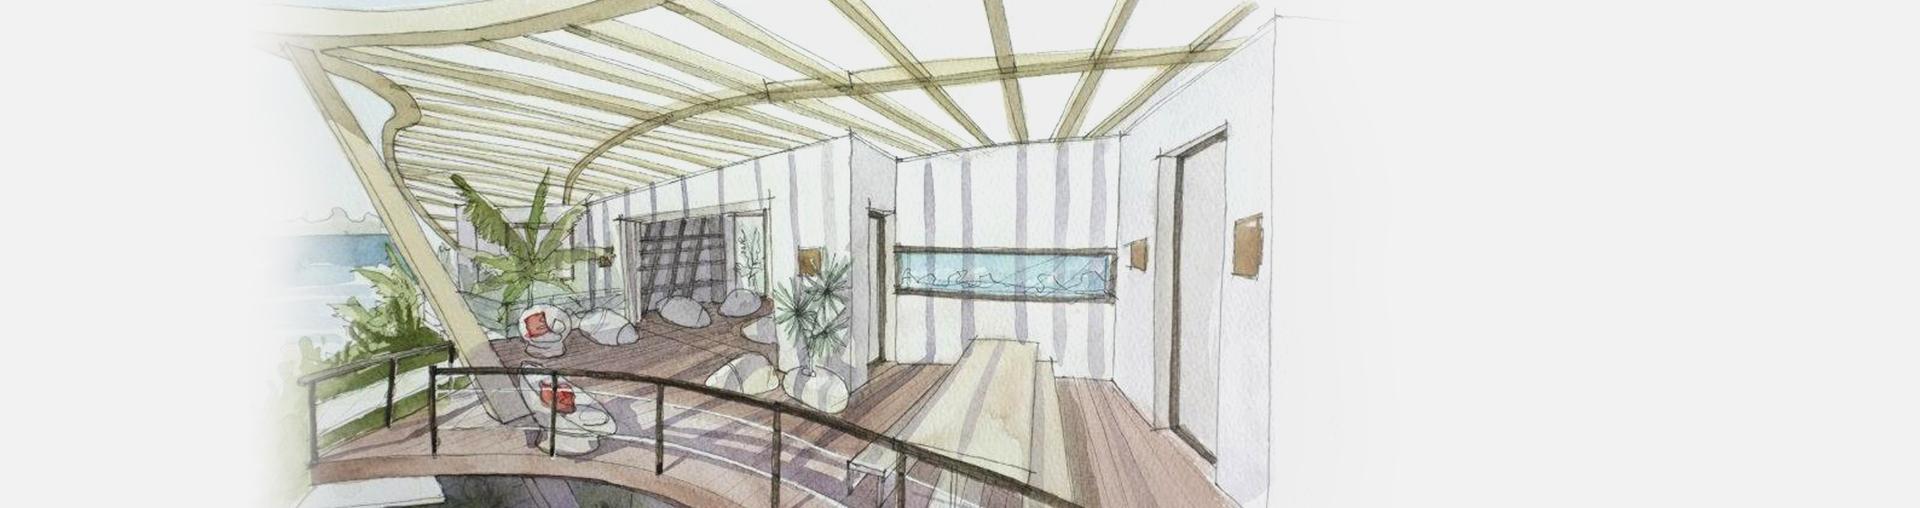 Ecole D Architecture D Interieur Nice ifat - École architecture intérieure- vannes-bretagne